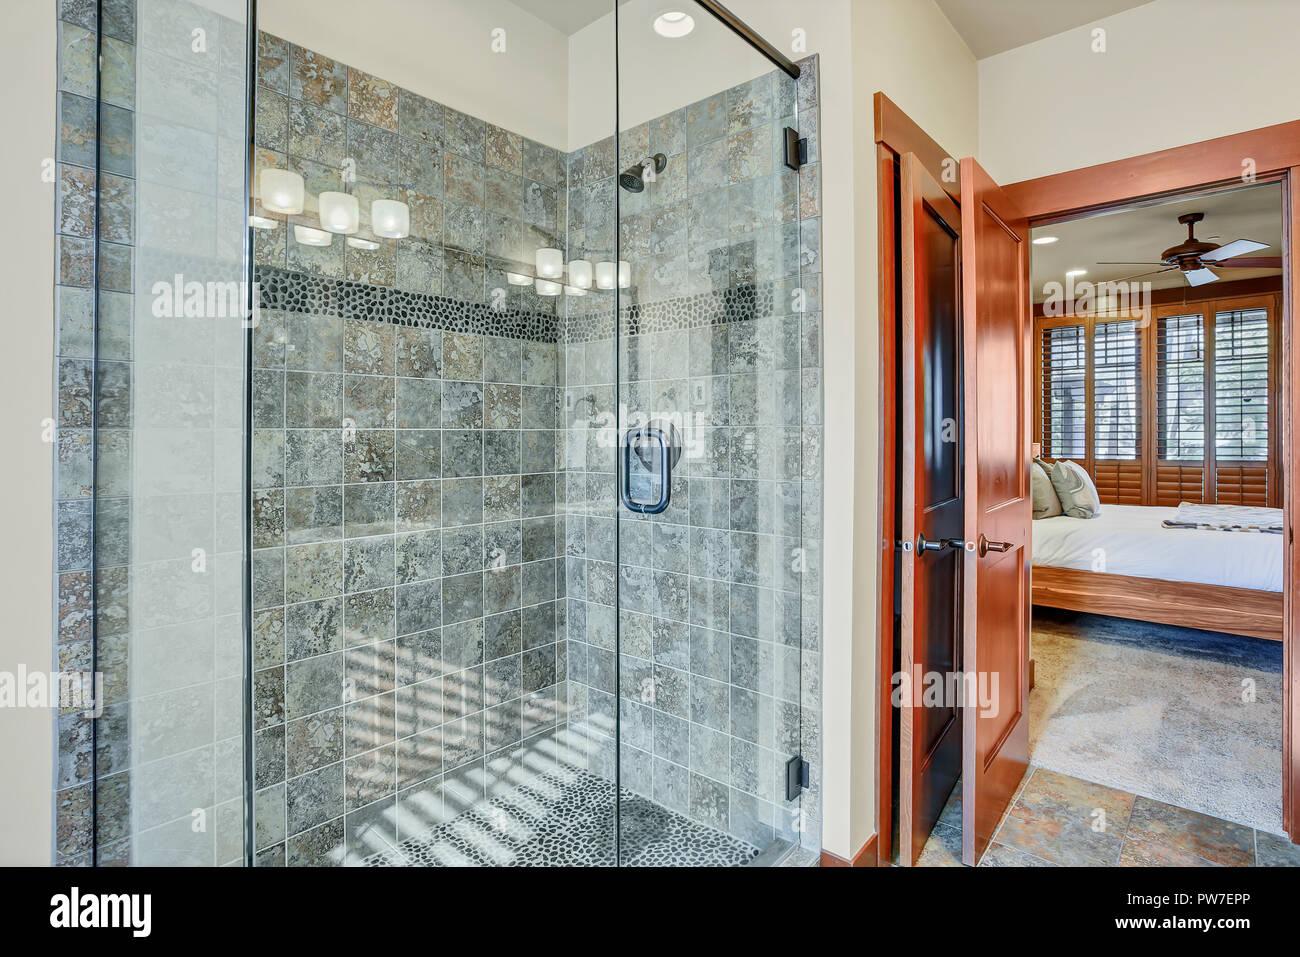 Badezimmer mit begehbarer Dusche Stockfoto, Bild: 222056094 ...